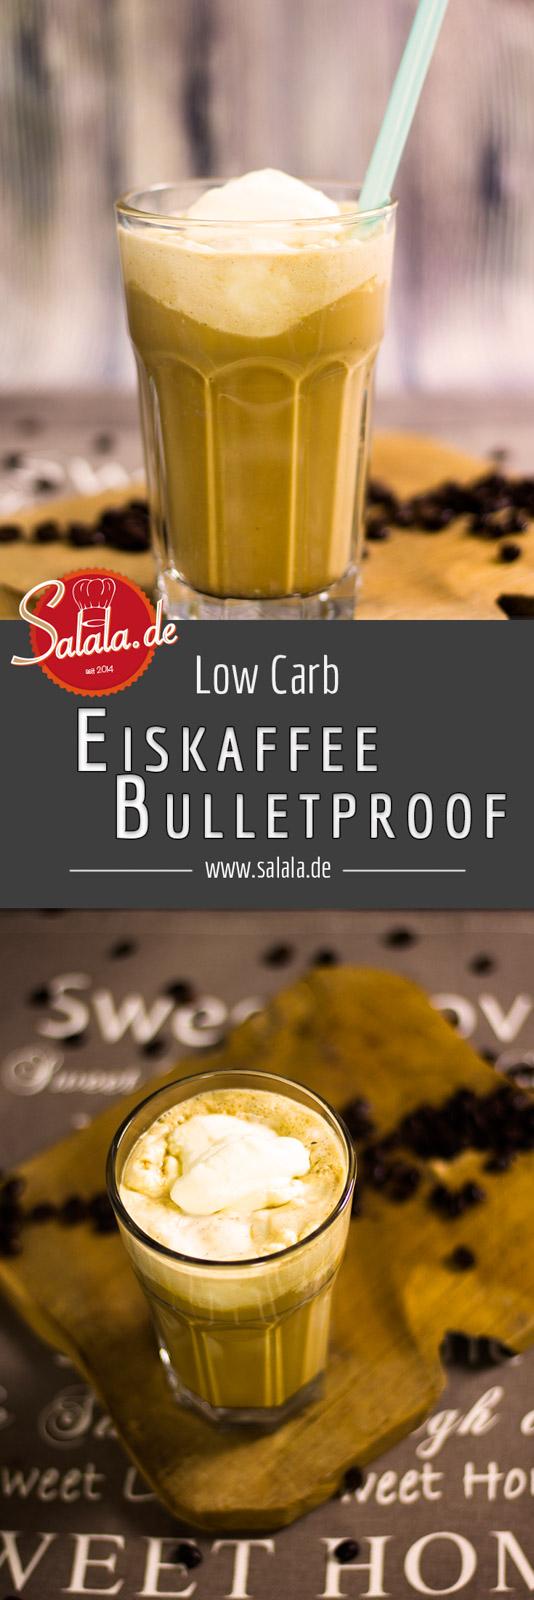 Bulletproof Eiskaffee Low Carb ohne Zucker Kugelsicherer Eiskaffee Rezept